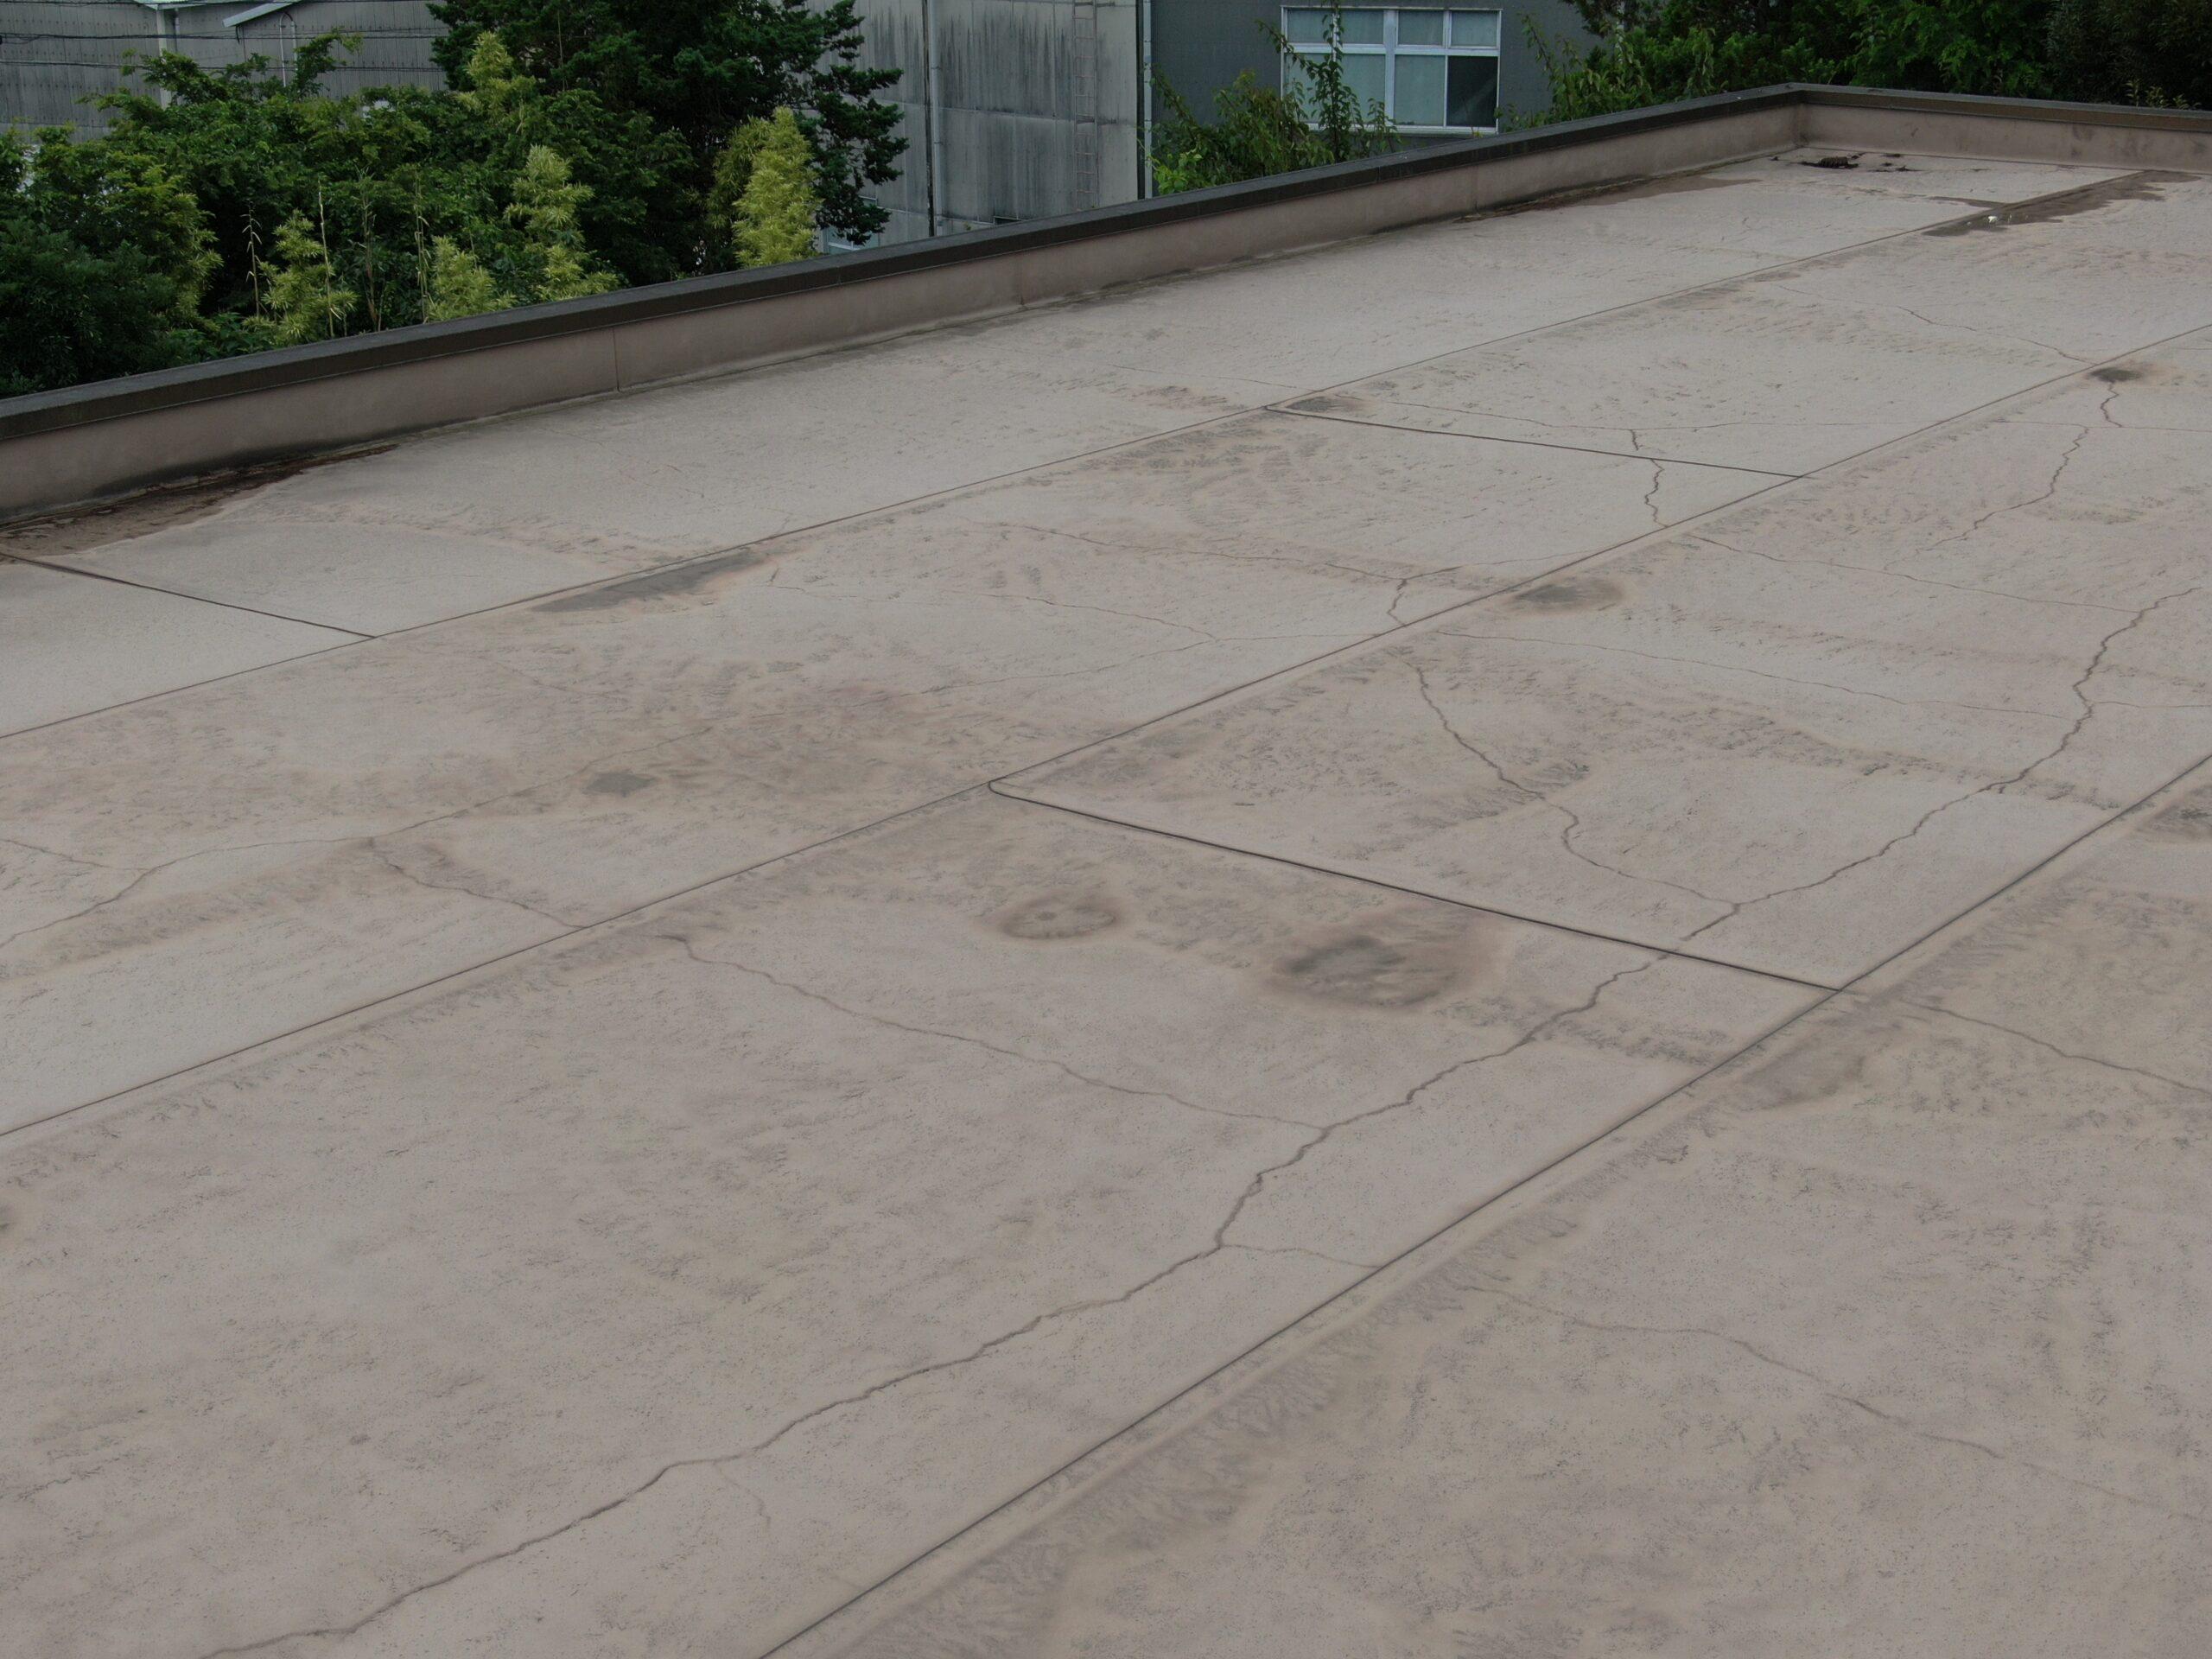 施工前 ヒビが割れ始め雨漏りの原因や躯体への染み込みが心配です。